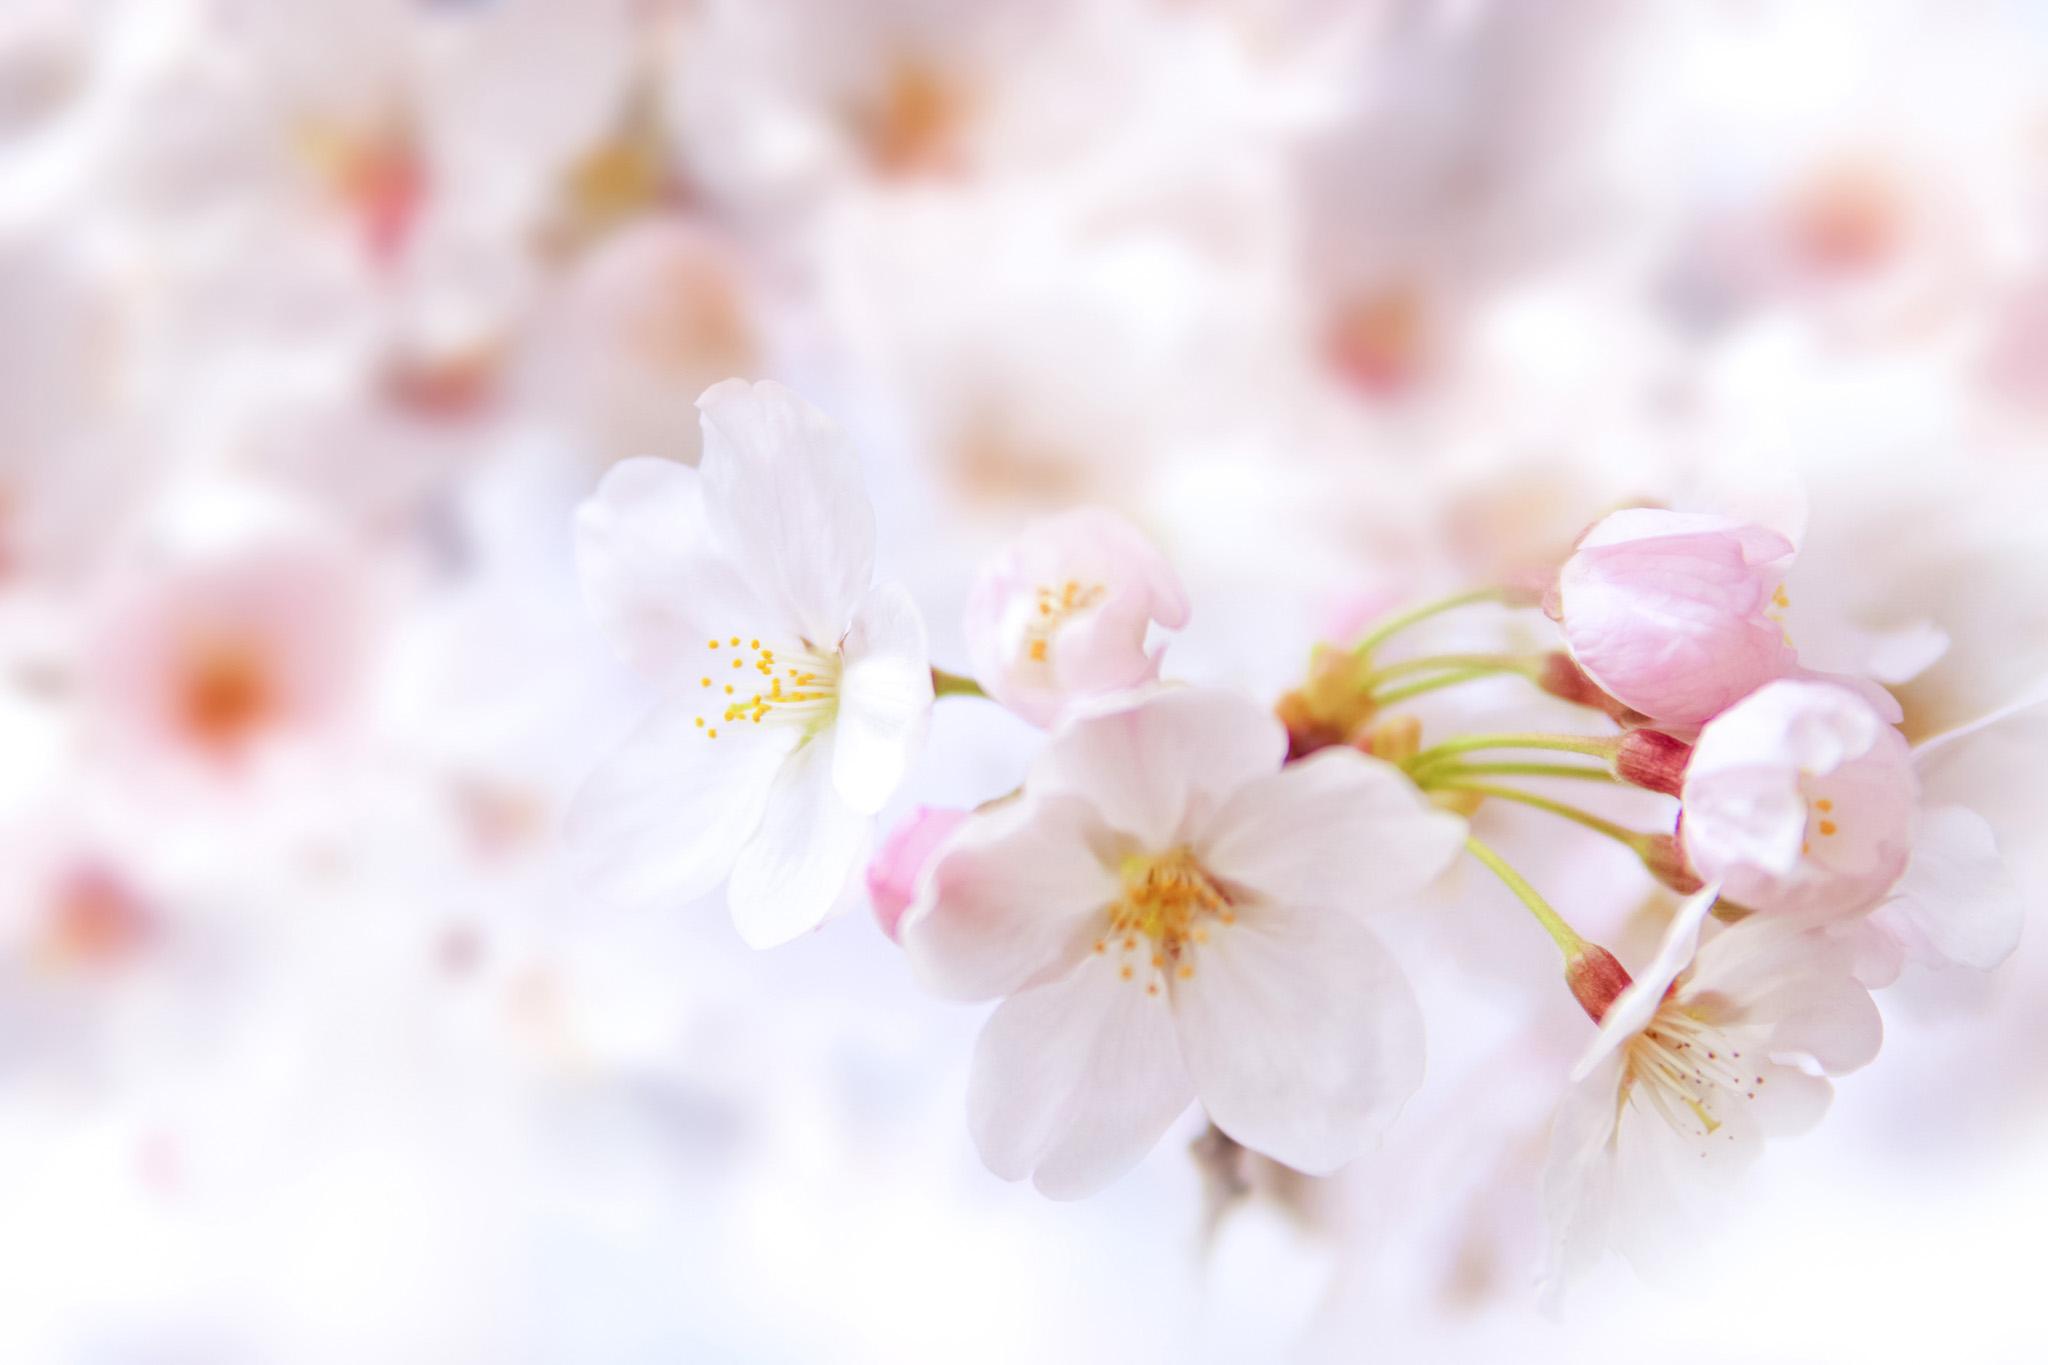 「桜の花とつぼみ」の背景を無料ダウンロード